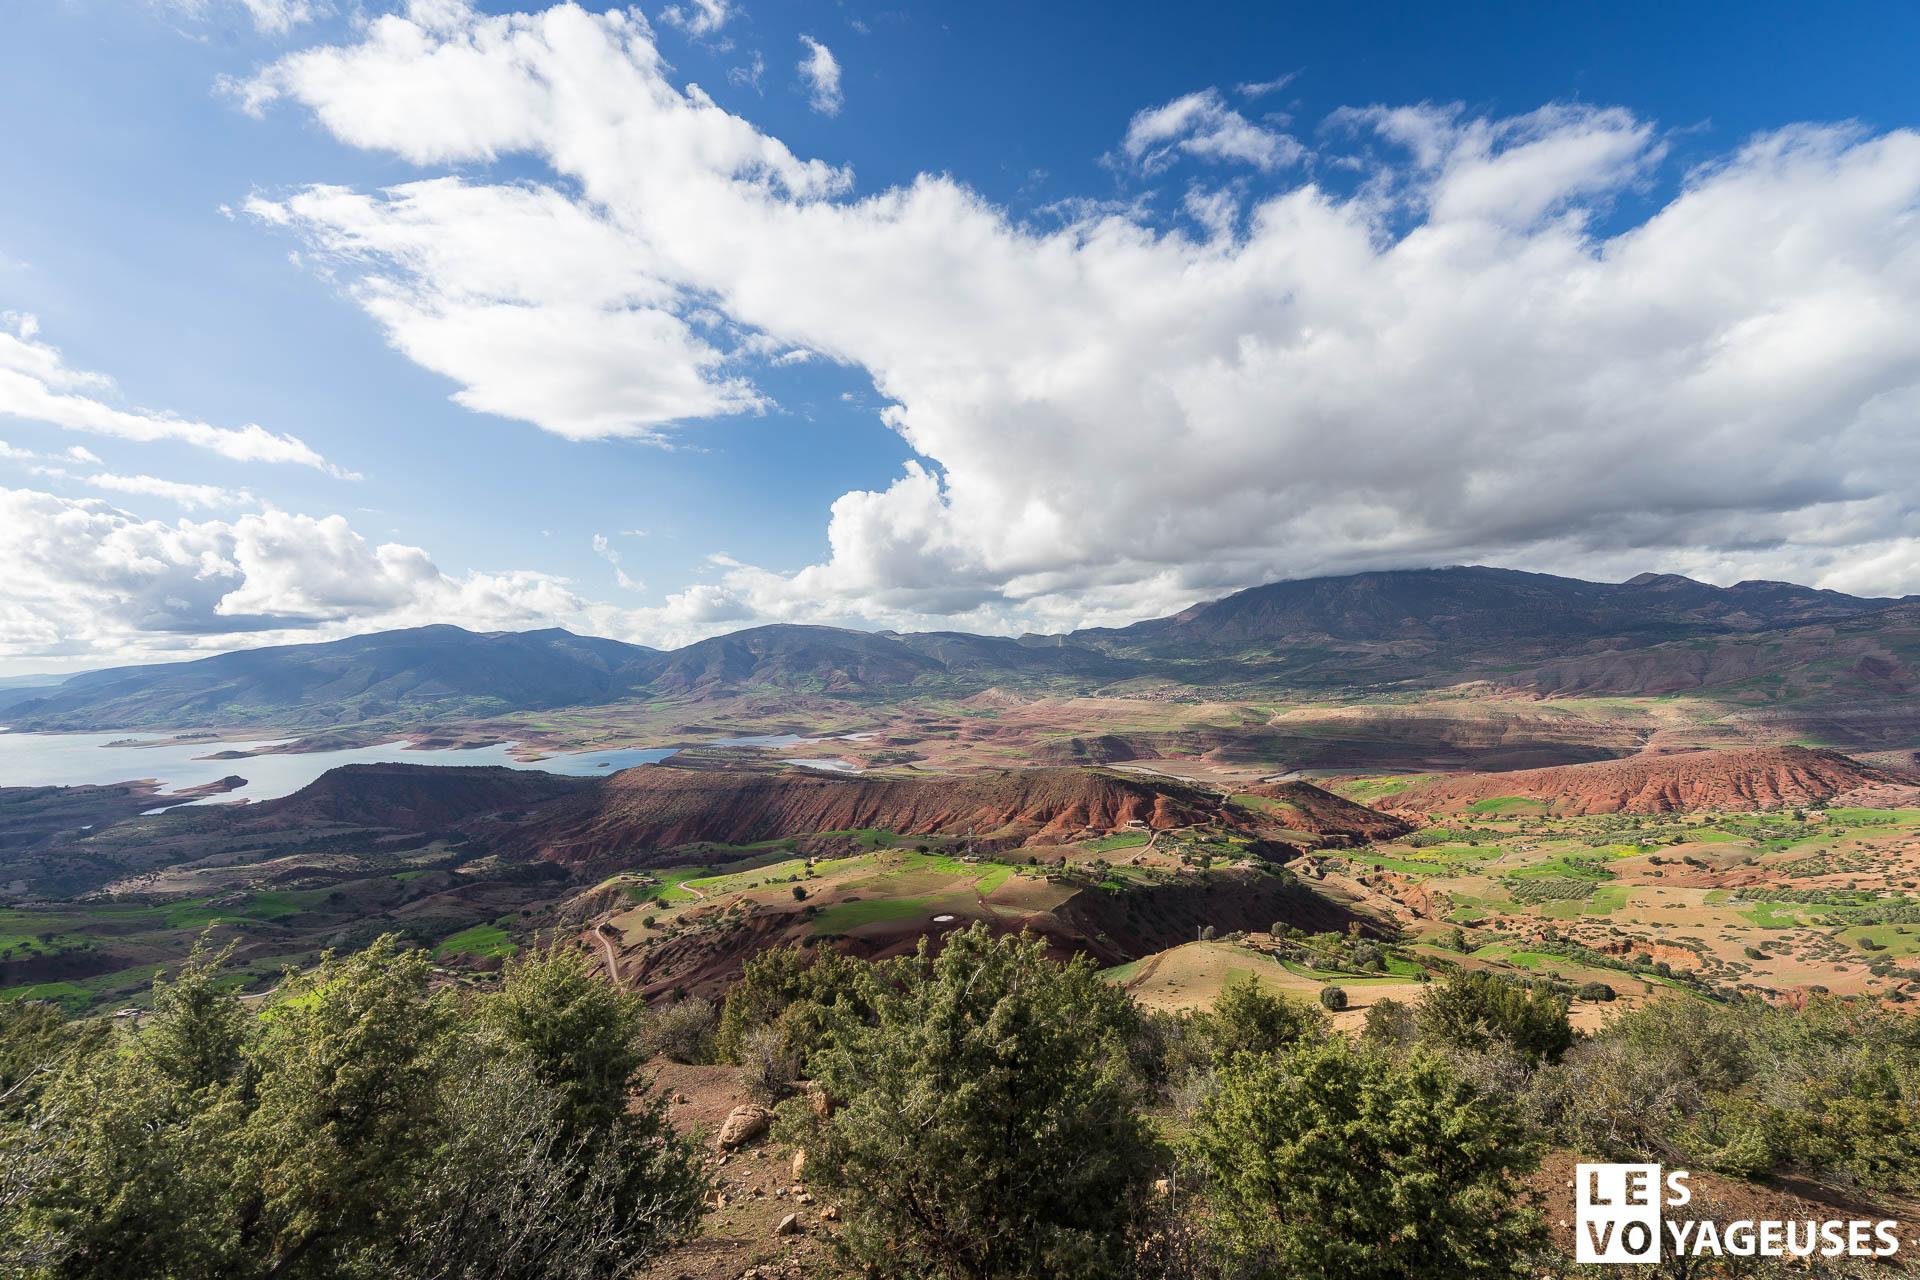 Les plus beaux lac à visiter au Maroc - Lac Bin el Ouidane Beni Mellal